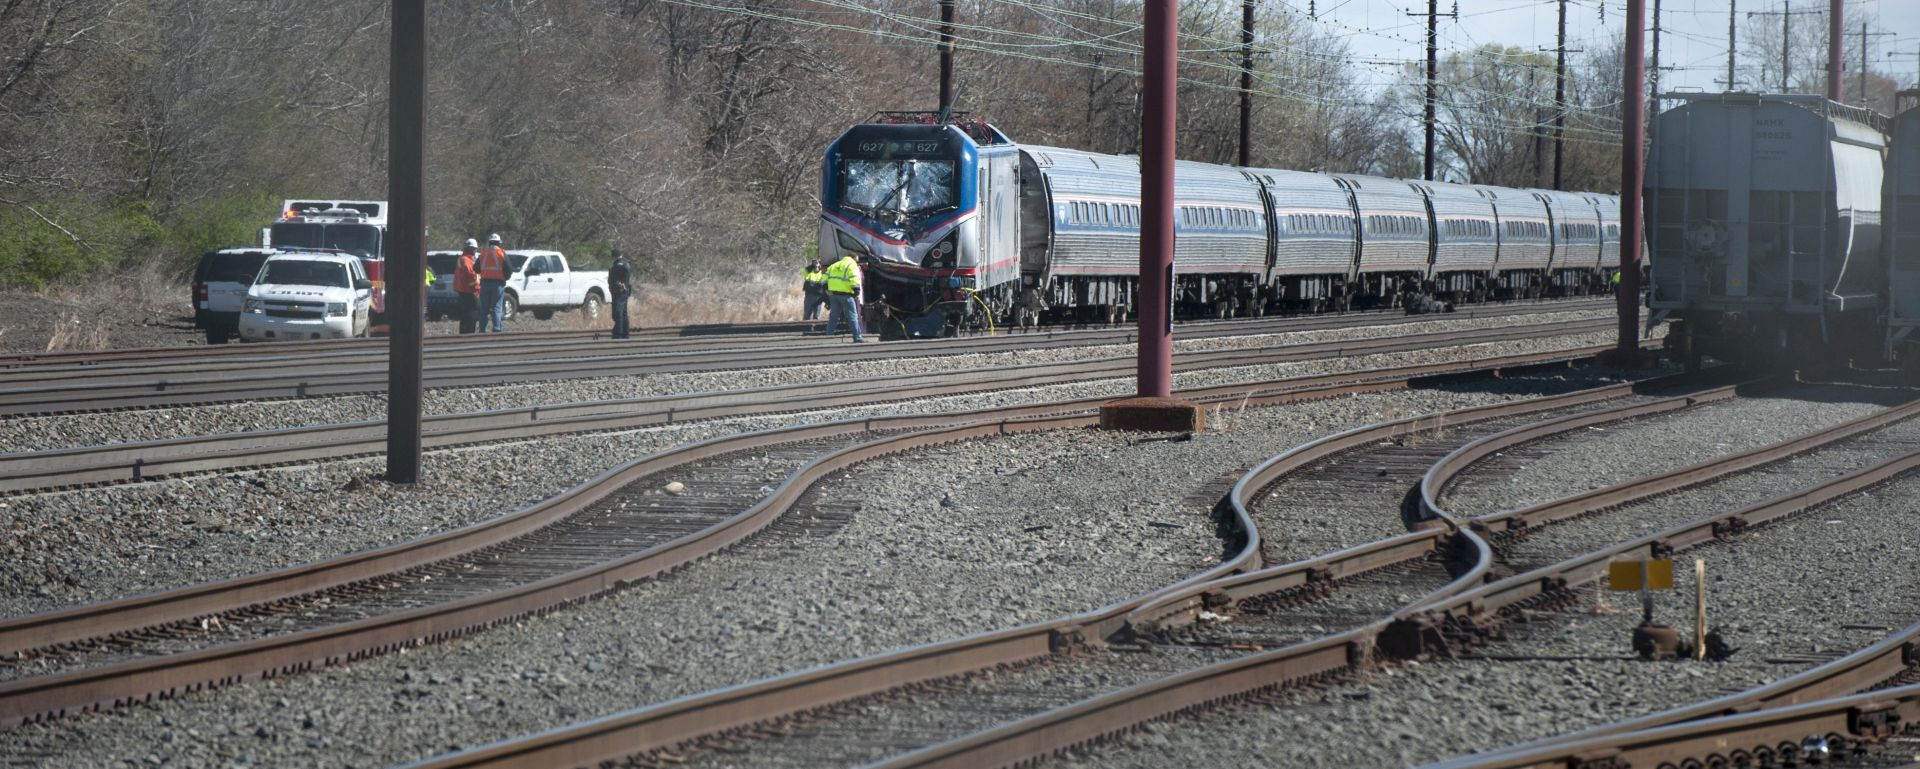 Philadelphia: Dvoje poginulih u željezničkoj nesreći